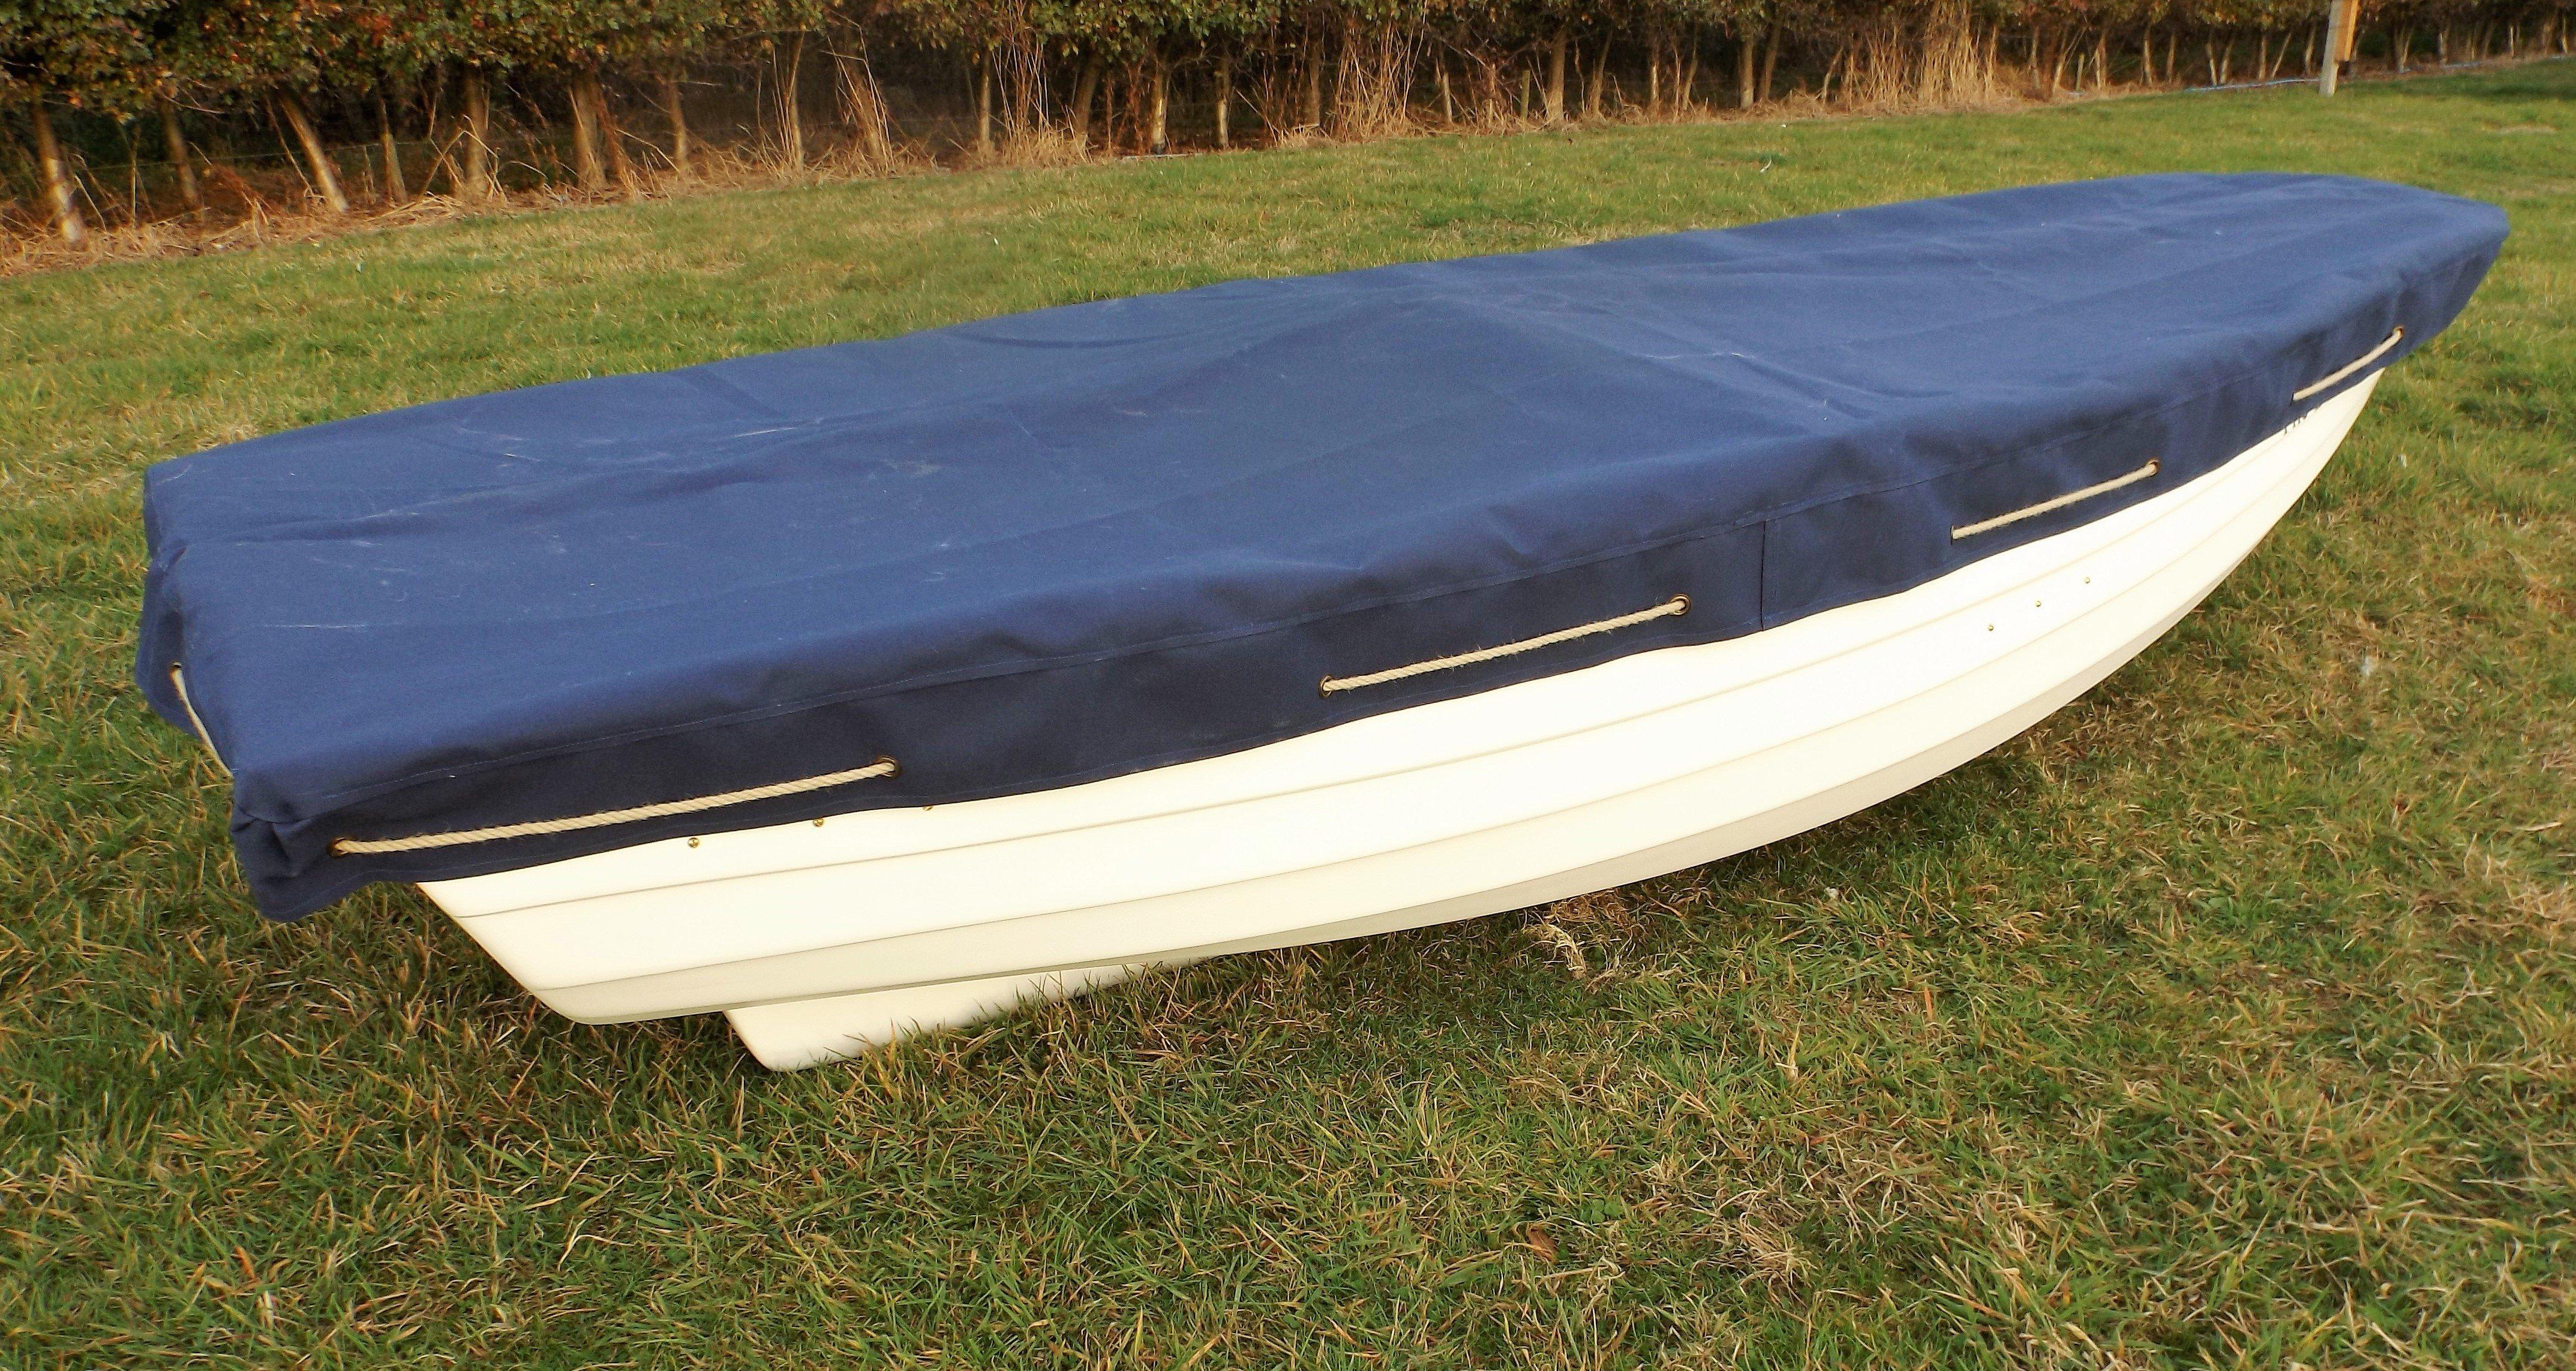 Safe dinghy